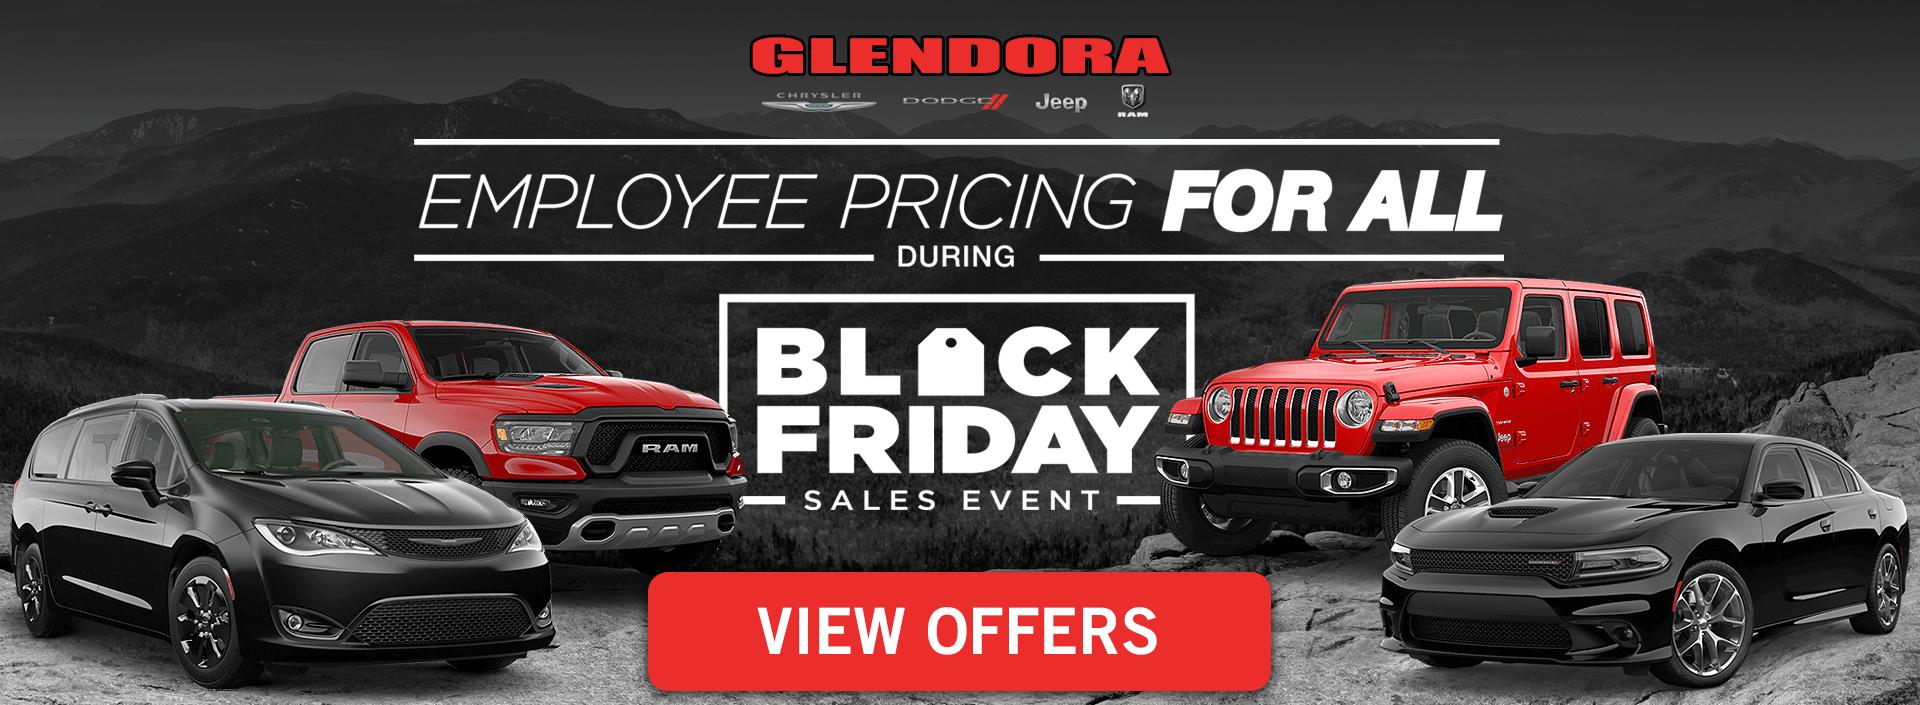 Glendora_CDJR_2020_November_BlackFriday_Sales_Event